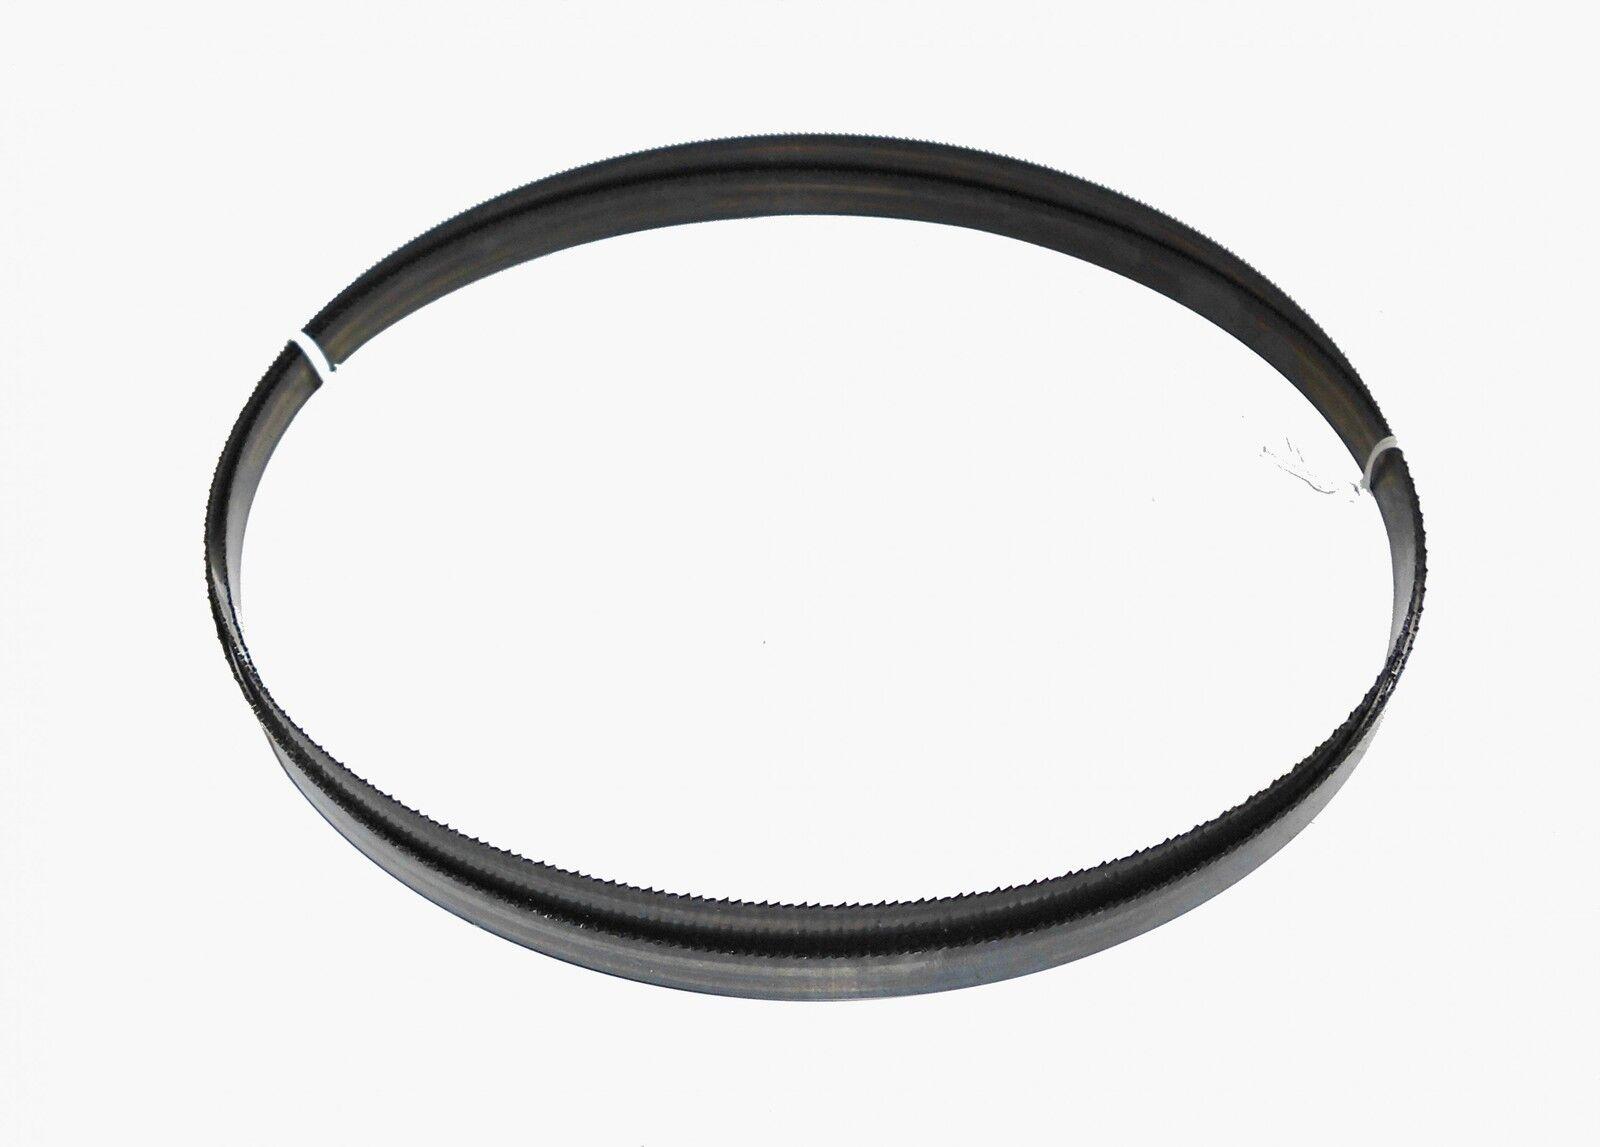 1 X Sägeband Bandsägeblatt 2100 X 10 X 0,65 Mm 14 Zpz Metall Scheppach Hbs 32